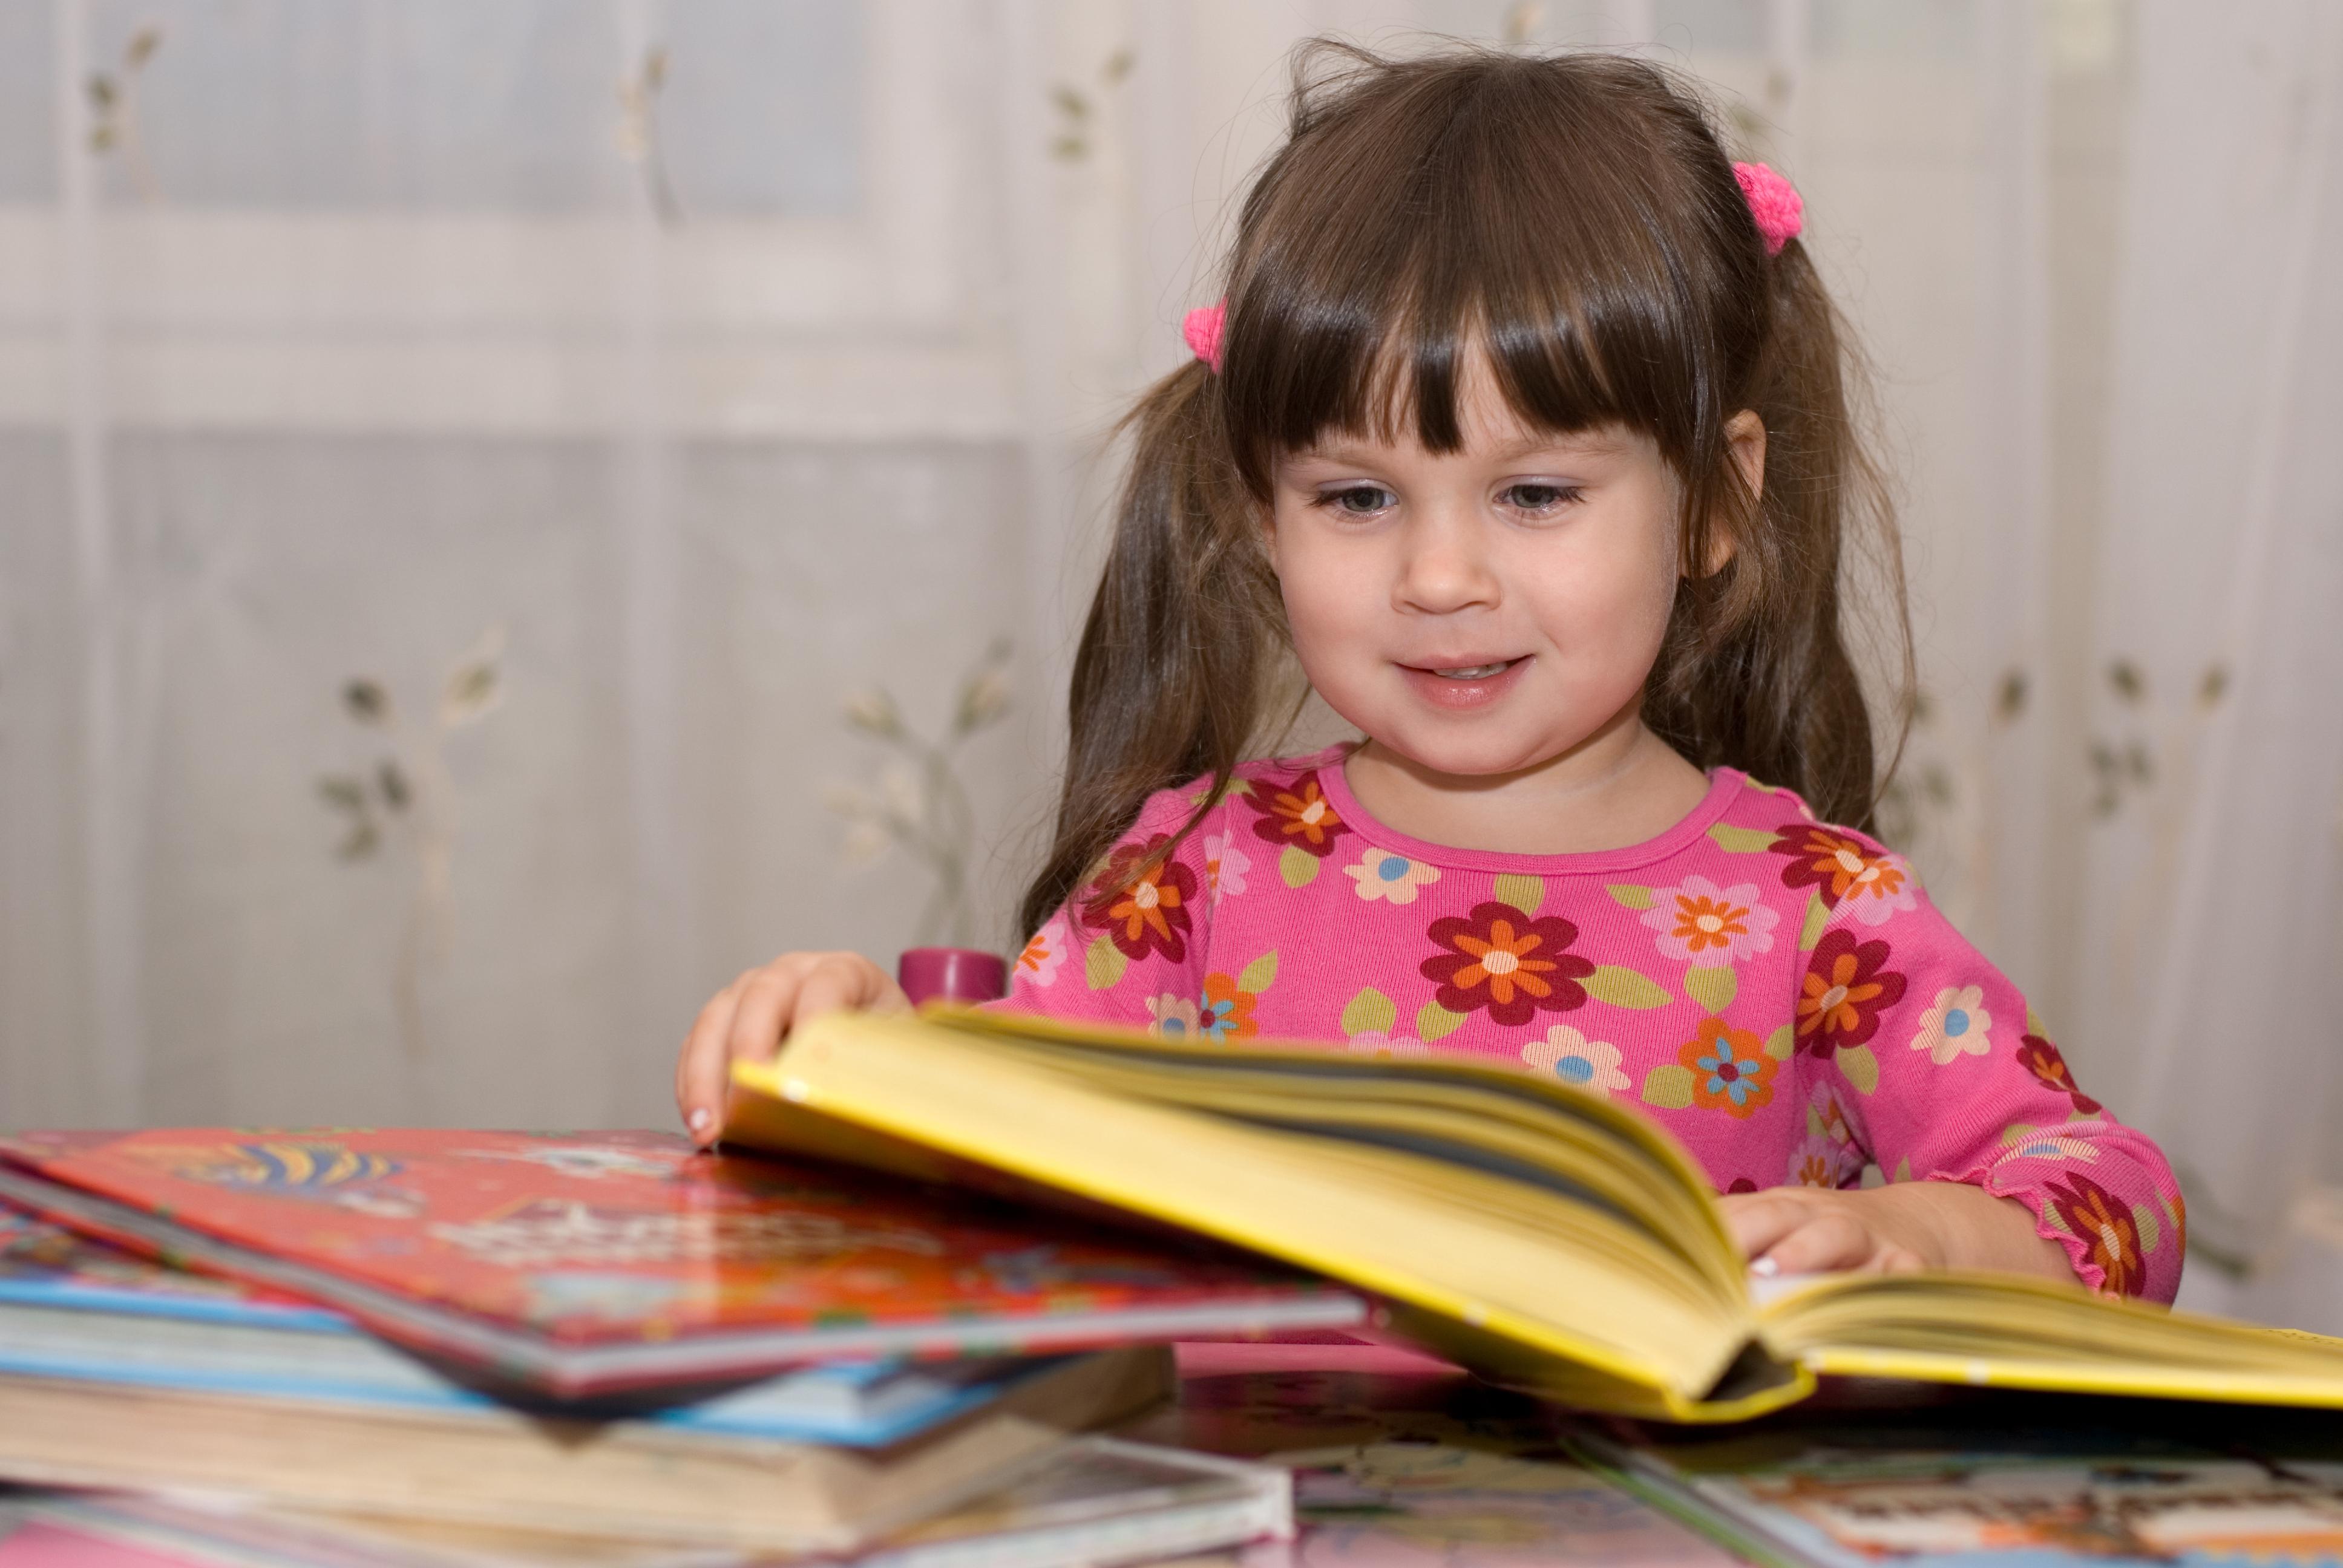 Jente 4 år leser bøker